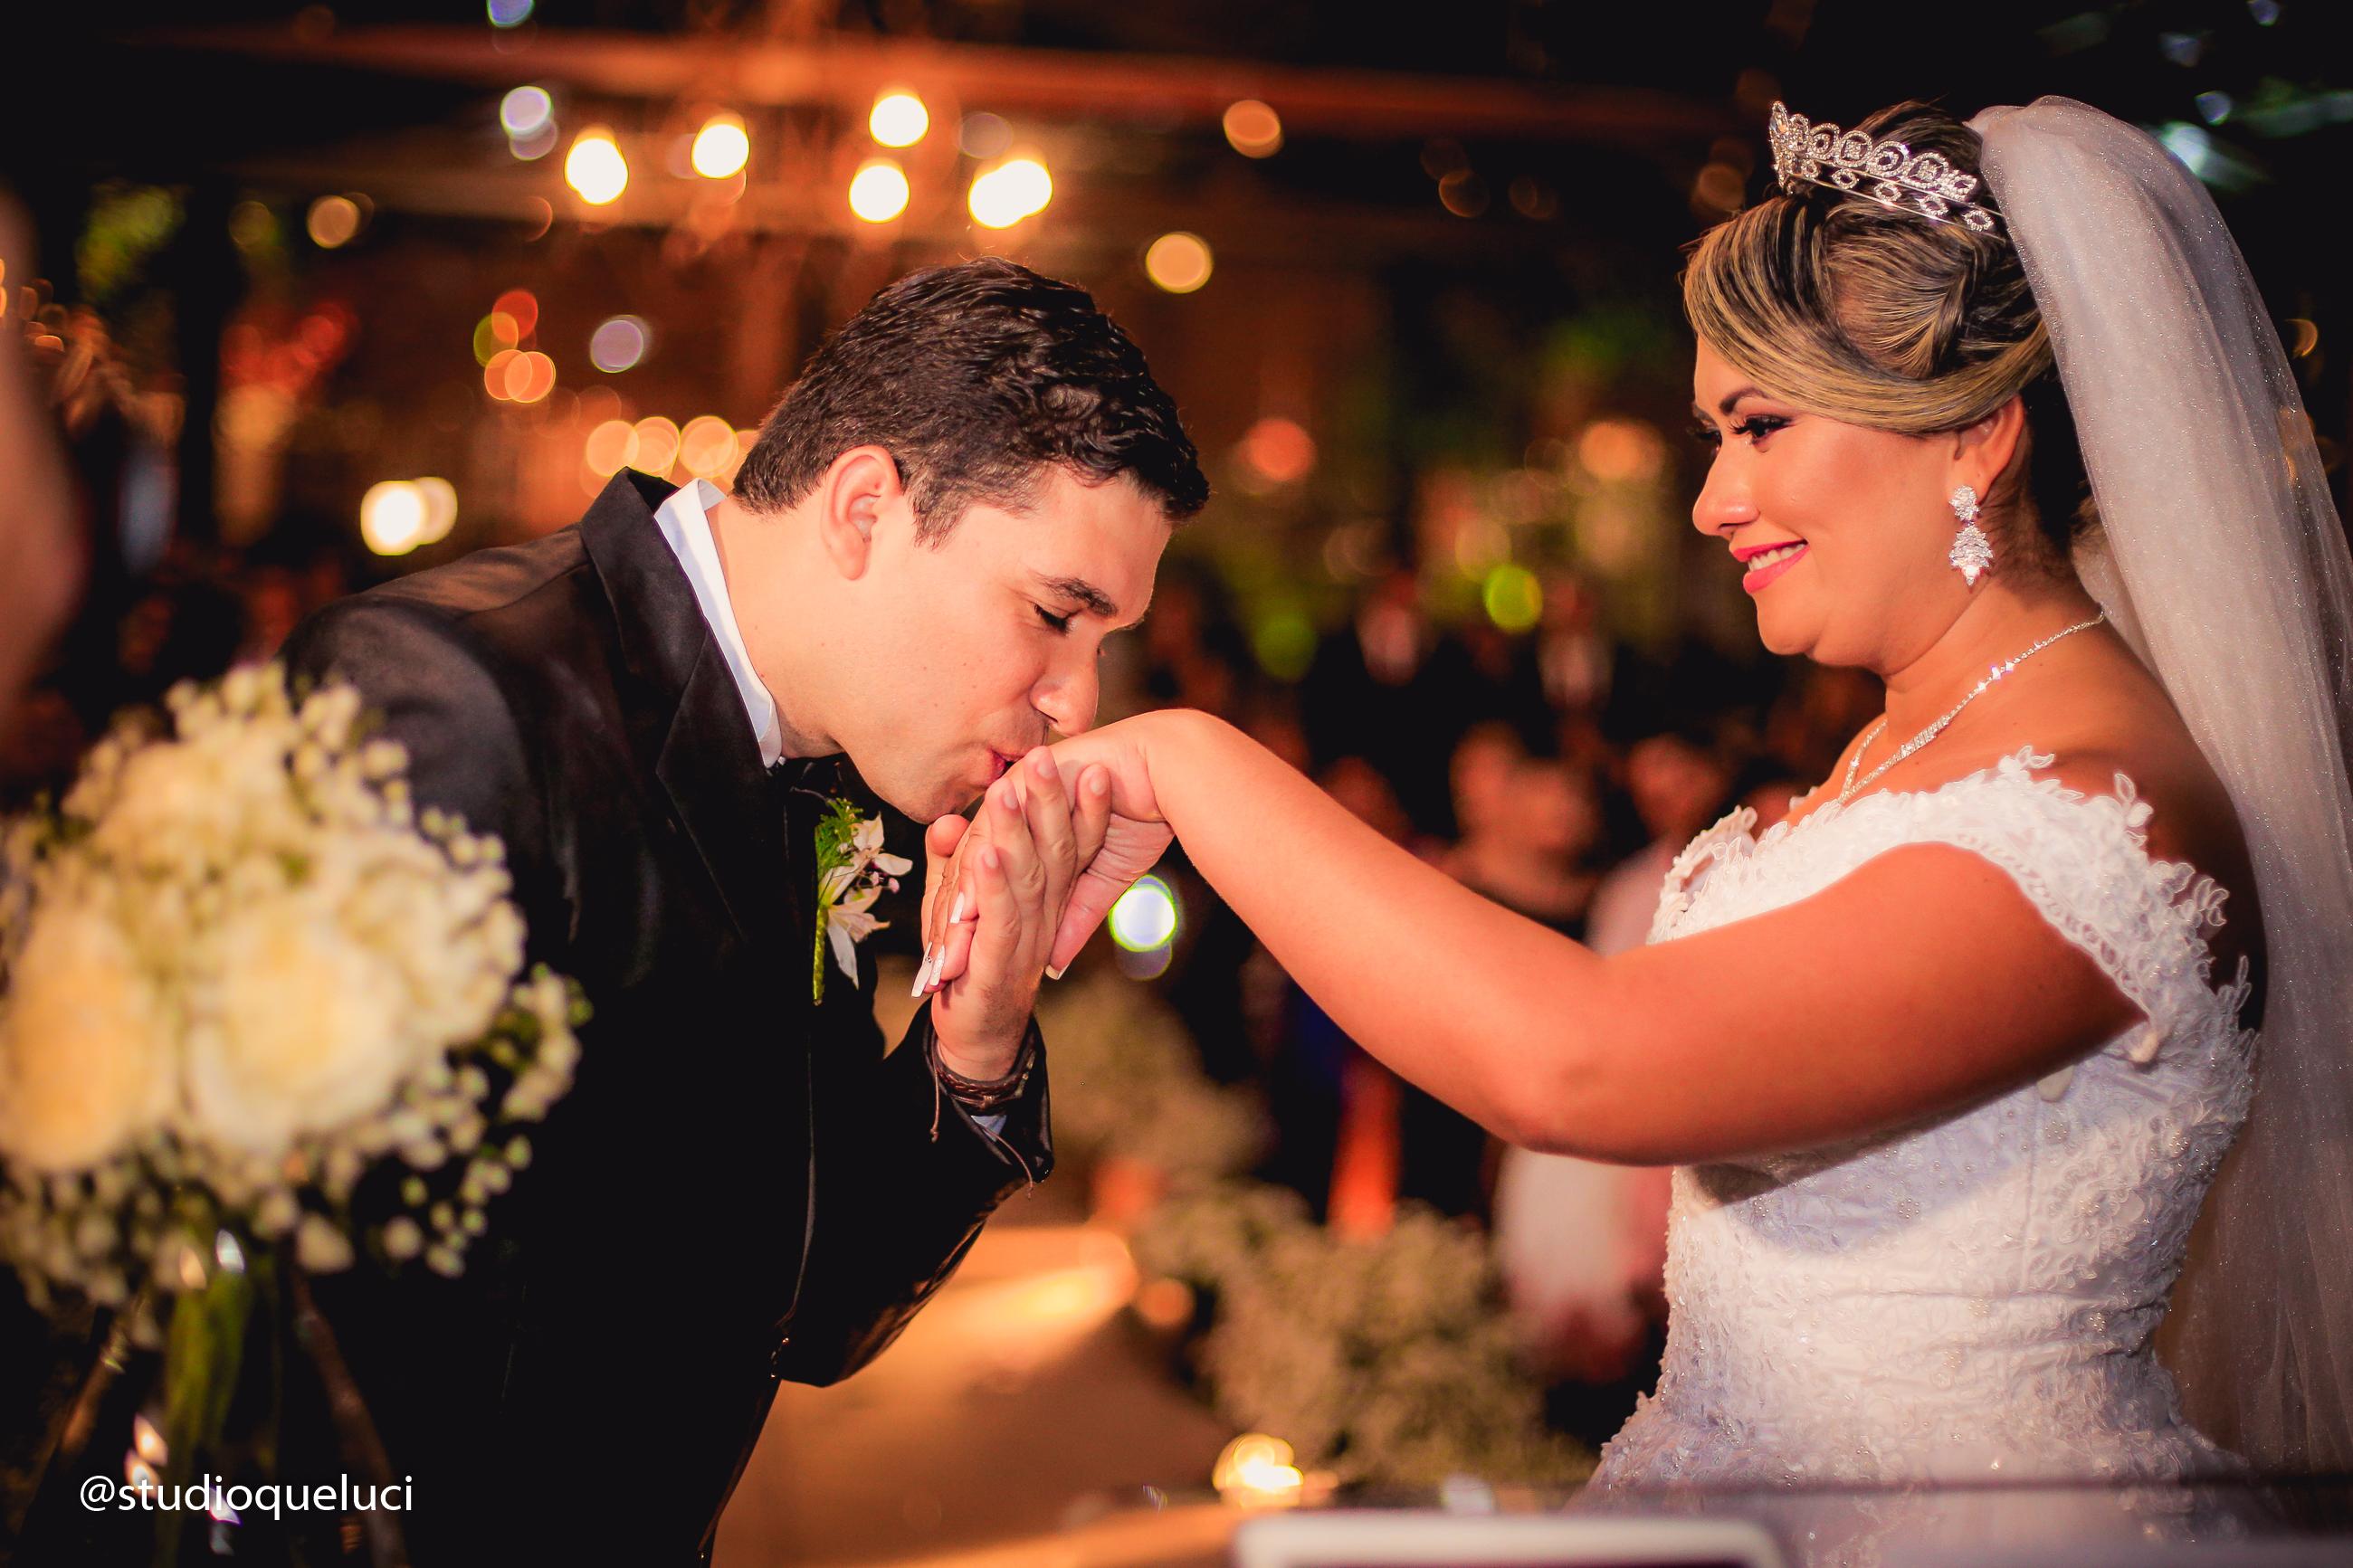 Casamento no Vale dos sonhos em Campo Grande RJ (31)